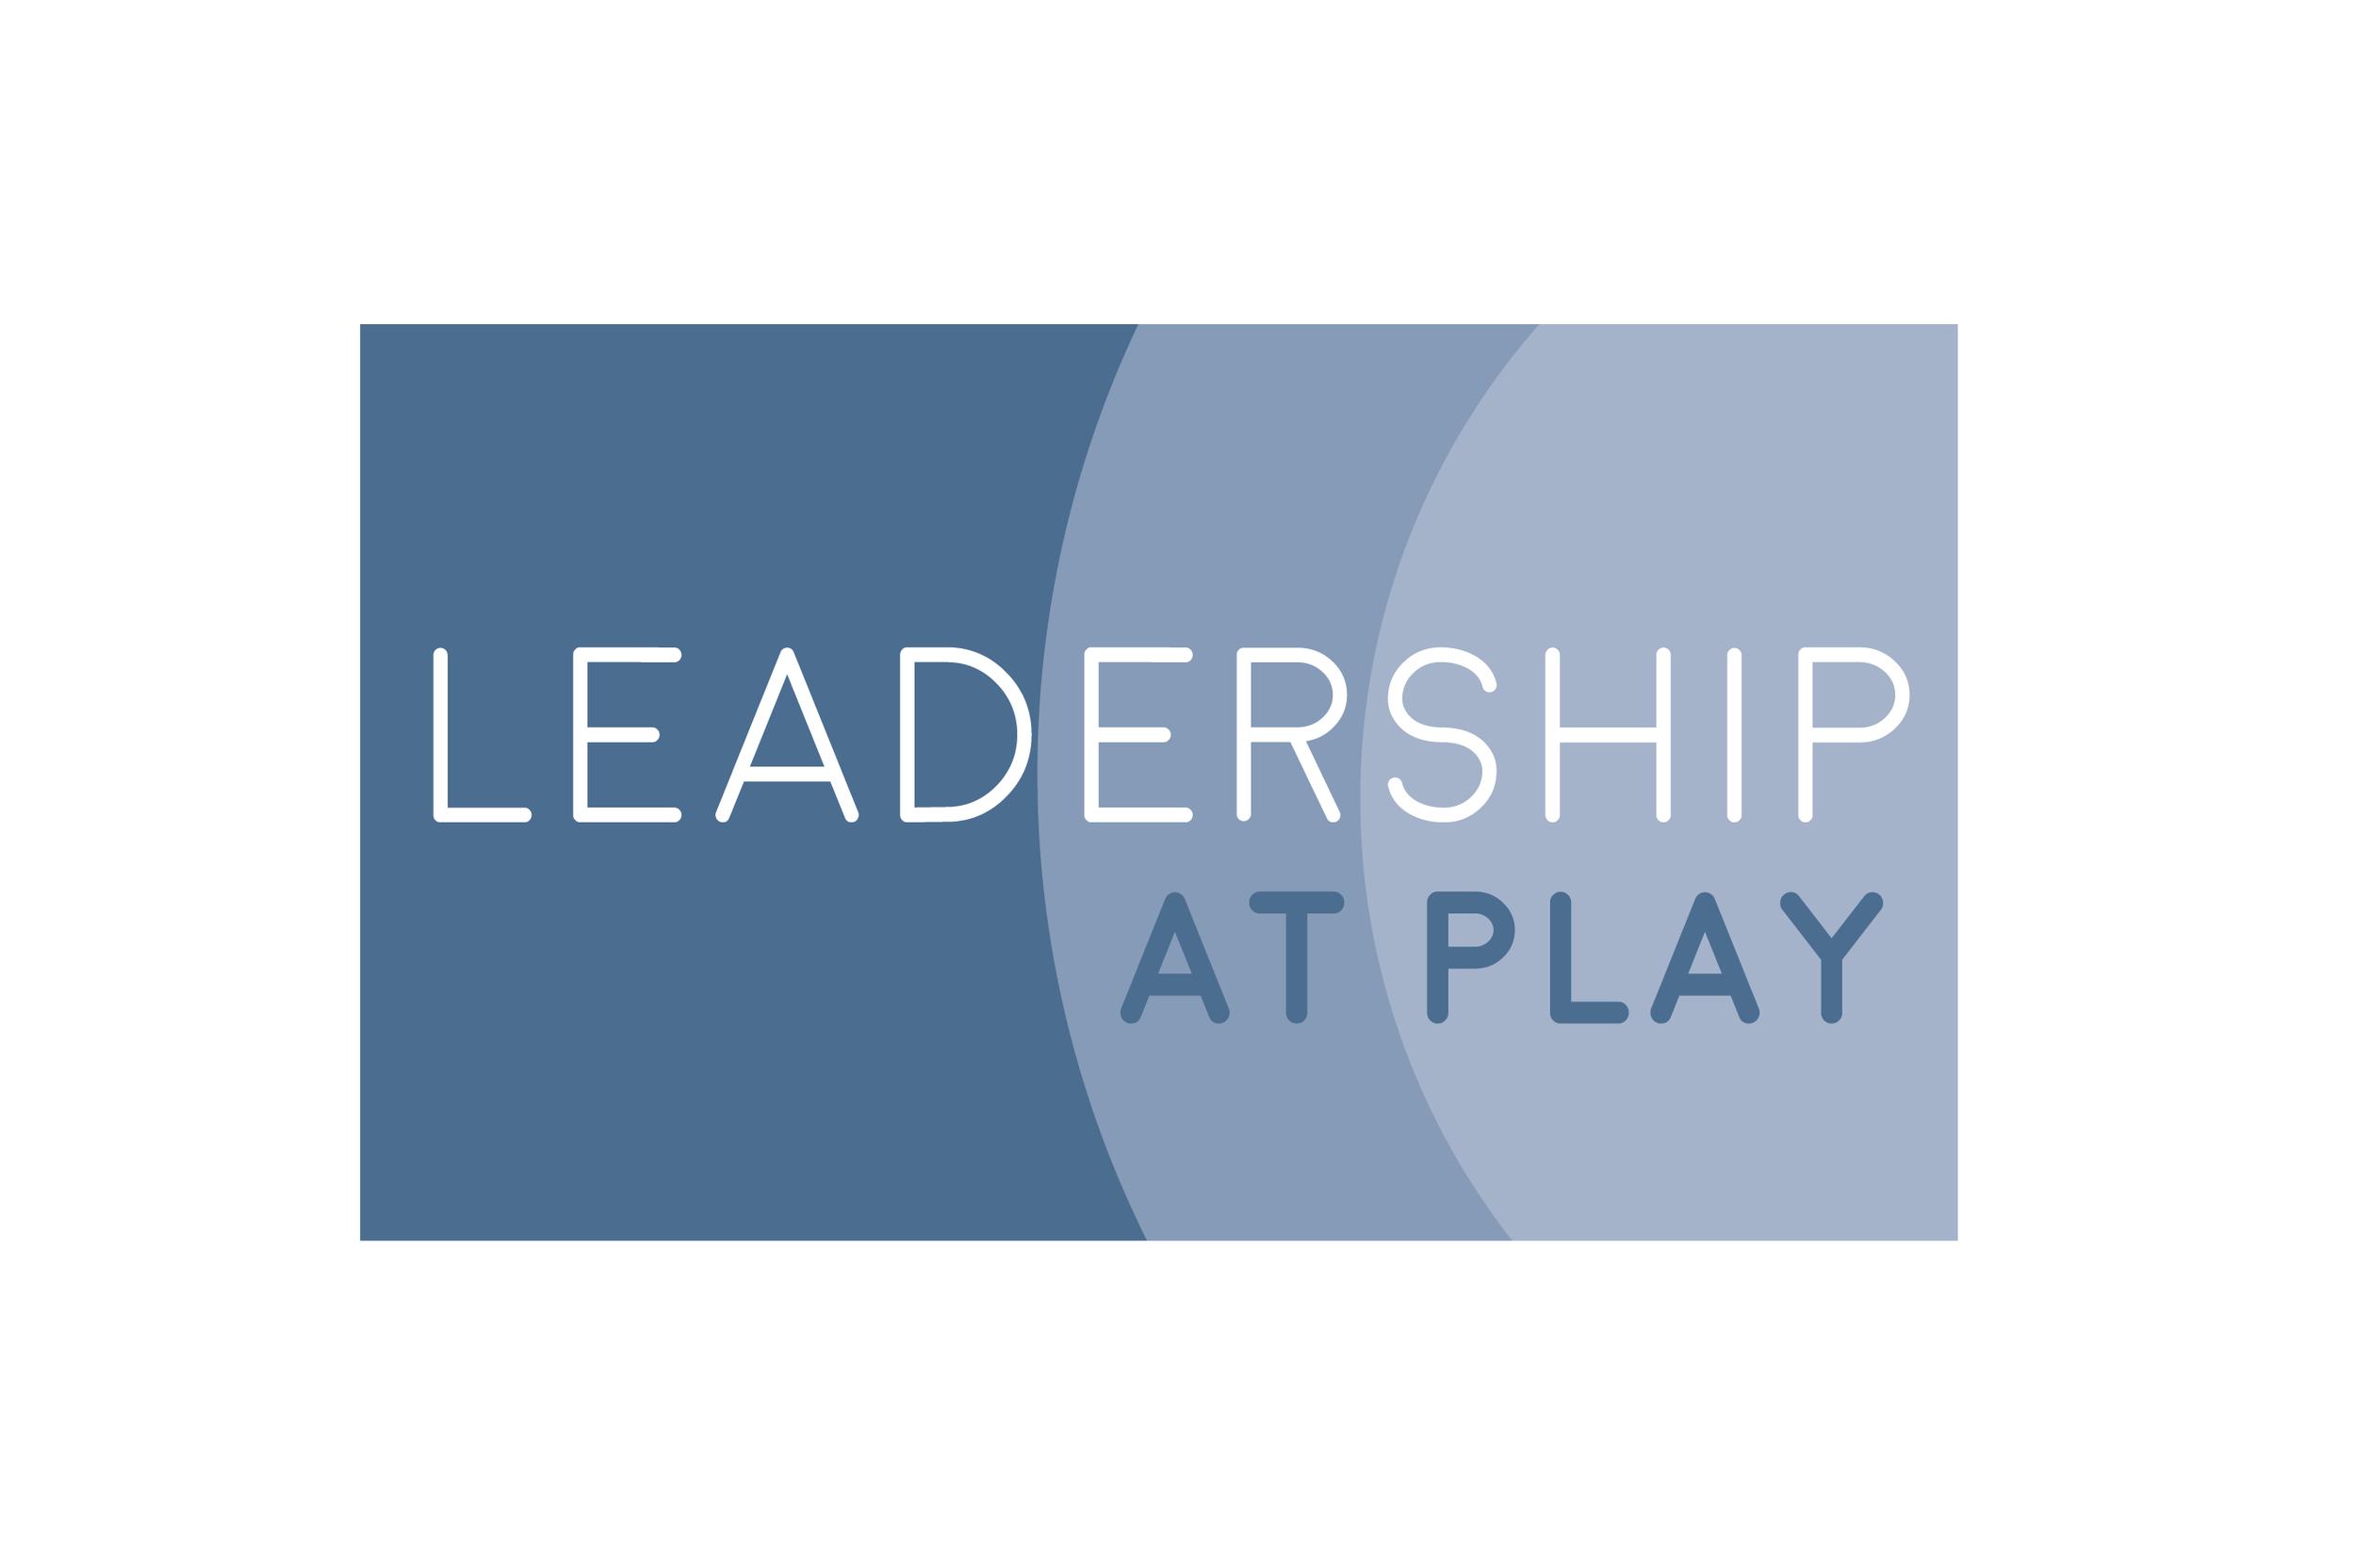 LeadershipATplay_Venn 3.png